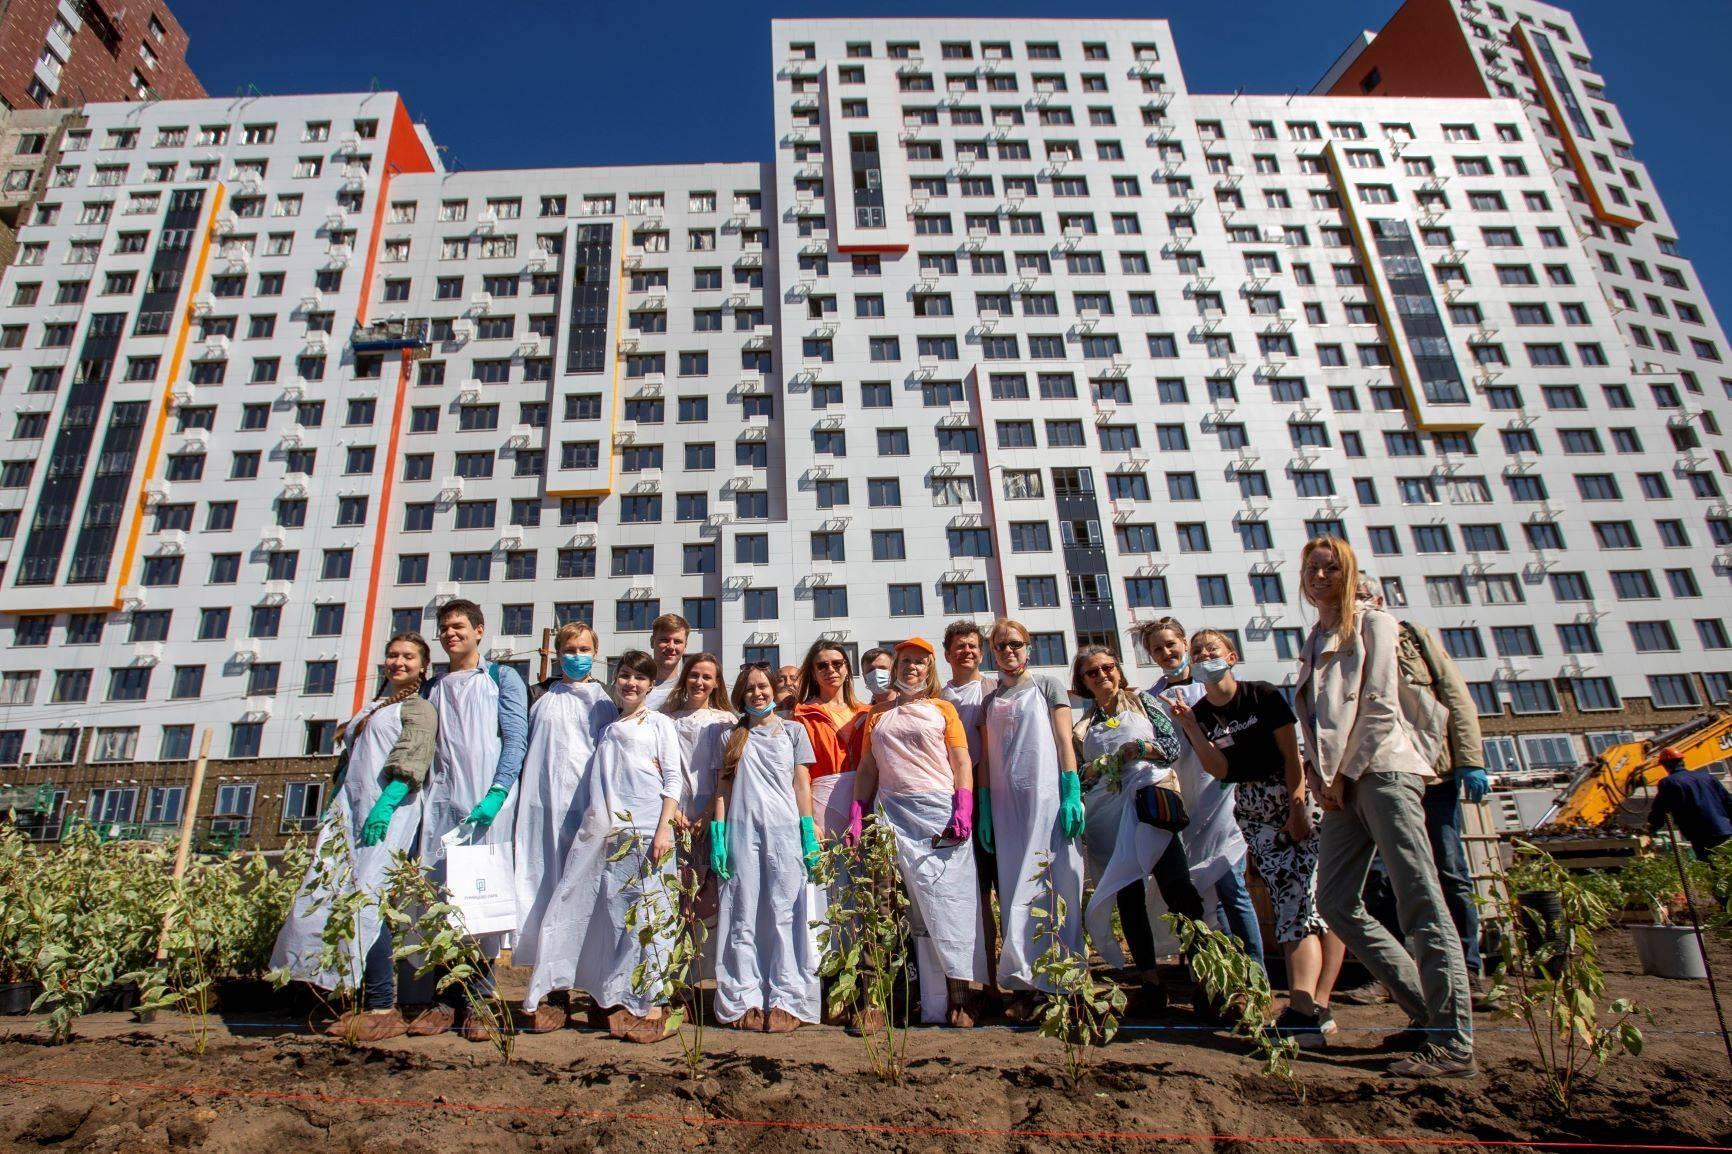 В ЖК «Румянцево-Парк» состоялось масштабное мероприятие для дольщиков  «Посади свое дерево»